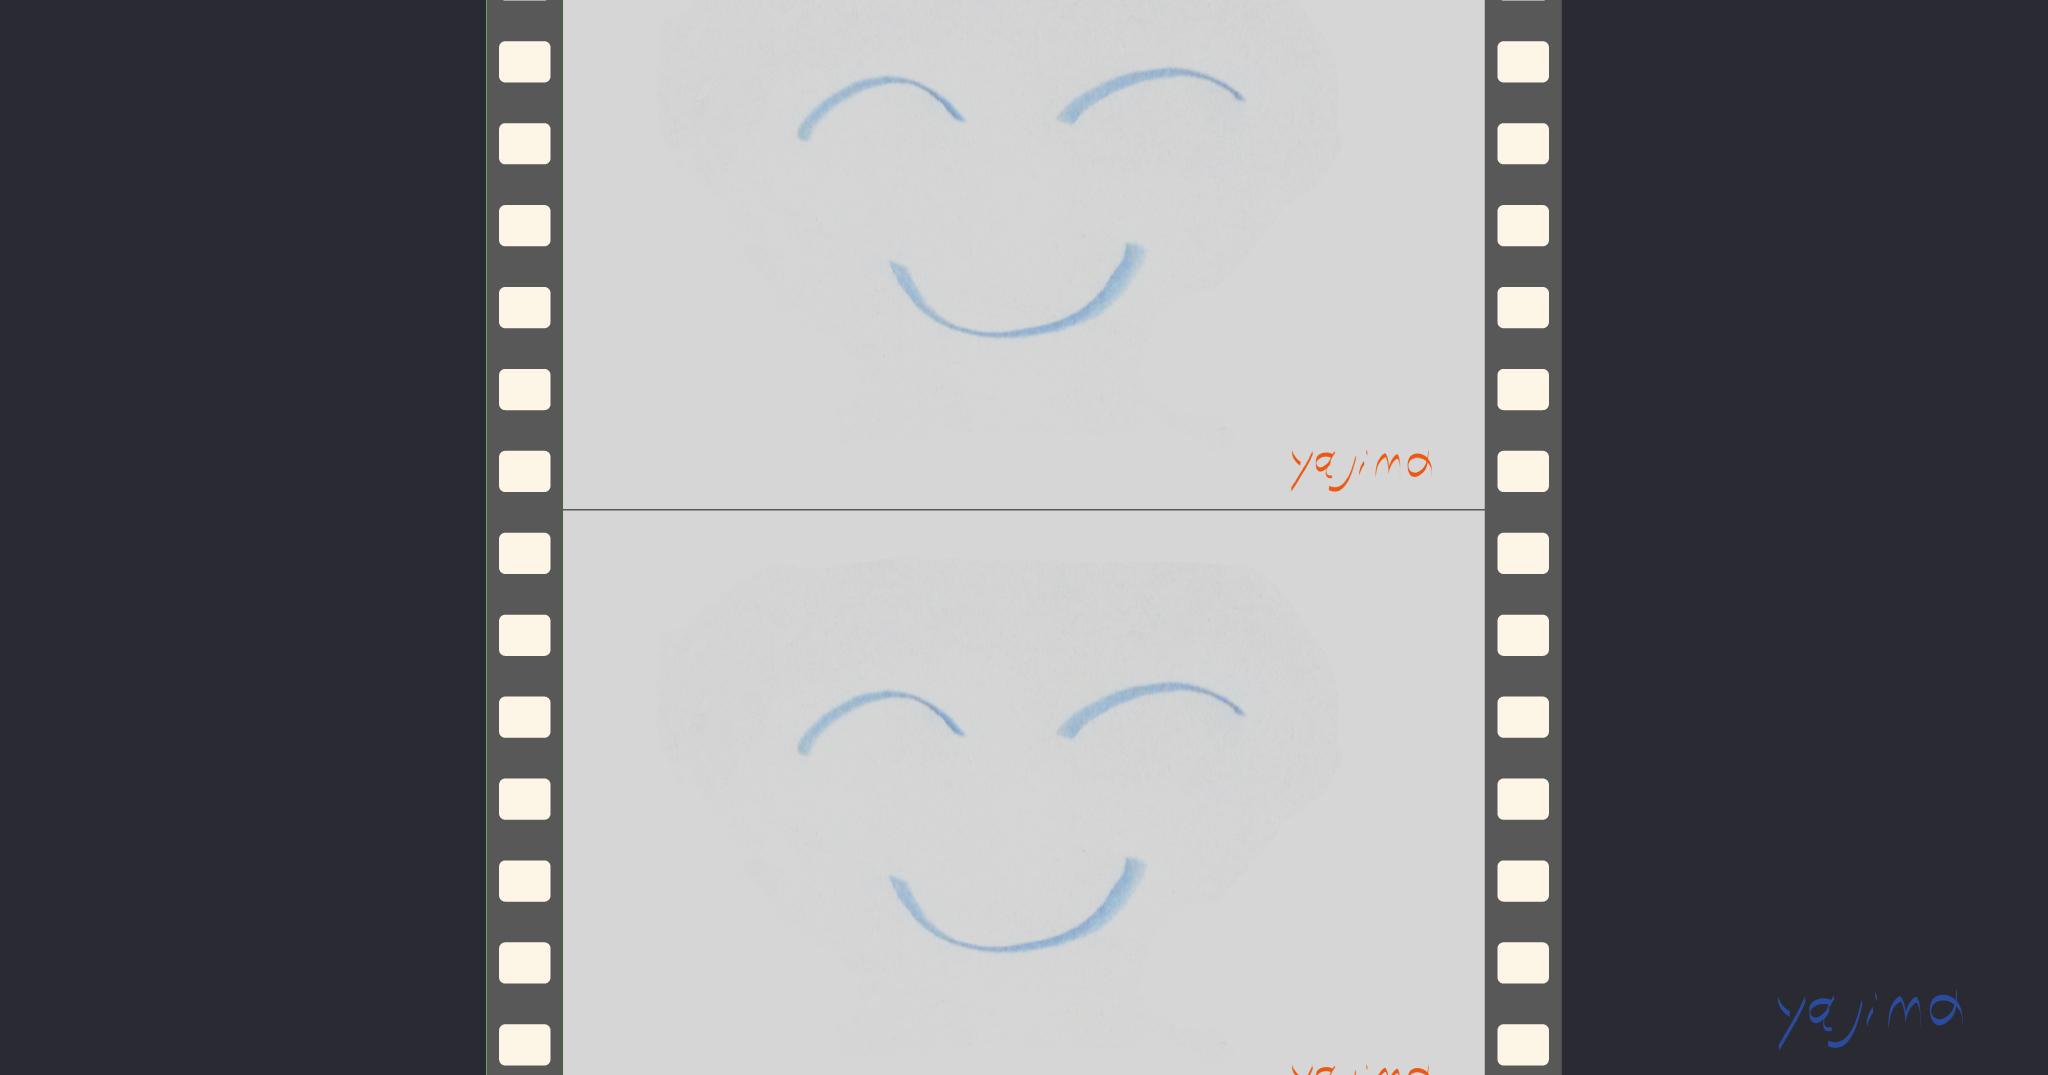 パーフォレーションperforations付きの映画や写真など撮影用フィルムが2コマ。そこにニッコリ笑顔のイラストが写っています。よくみるとETに似ている?『プロセスを映画のように描きます(記述法)』より。